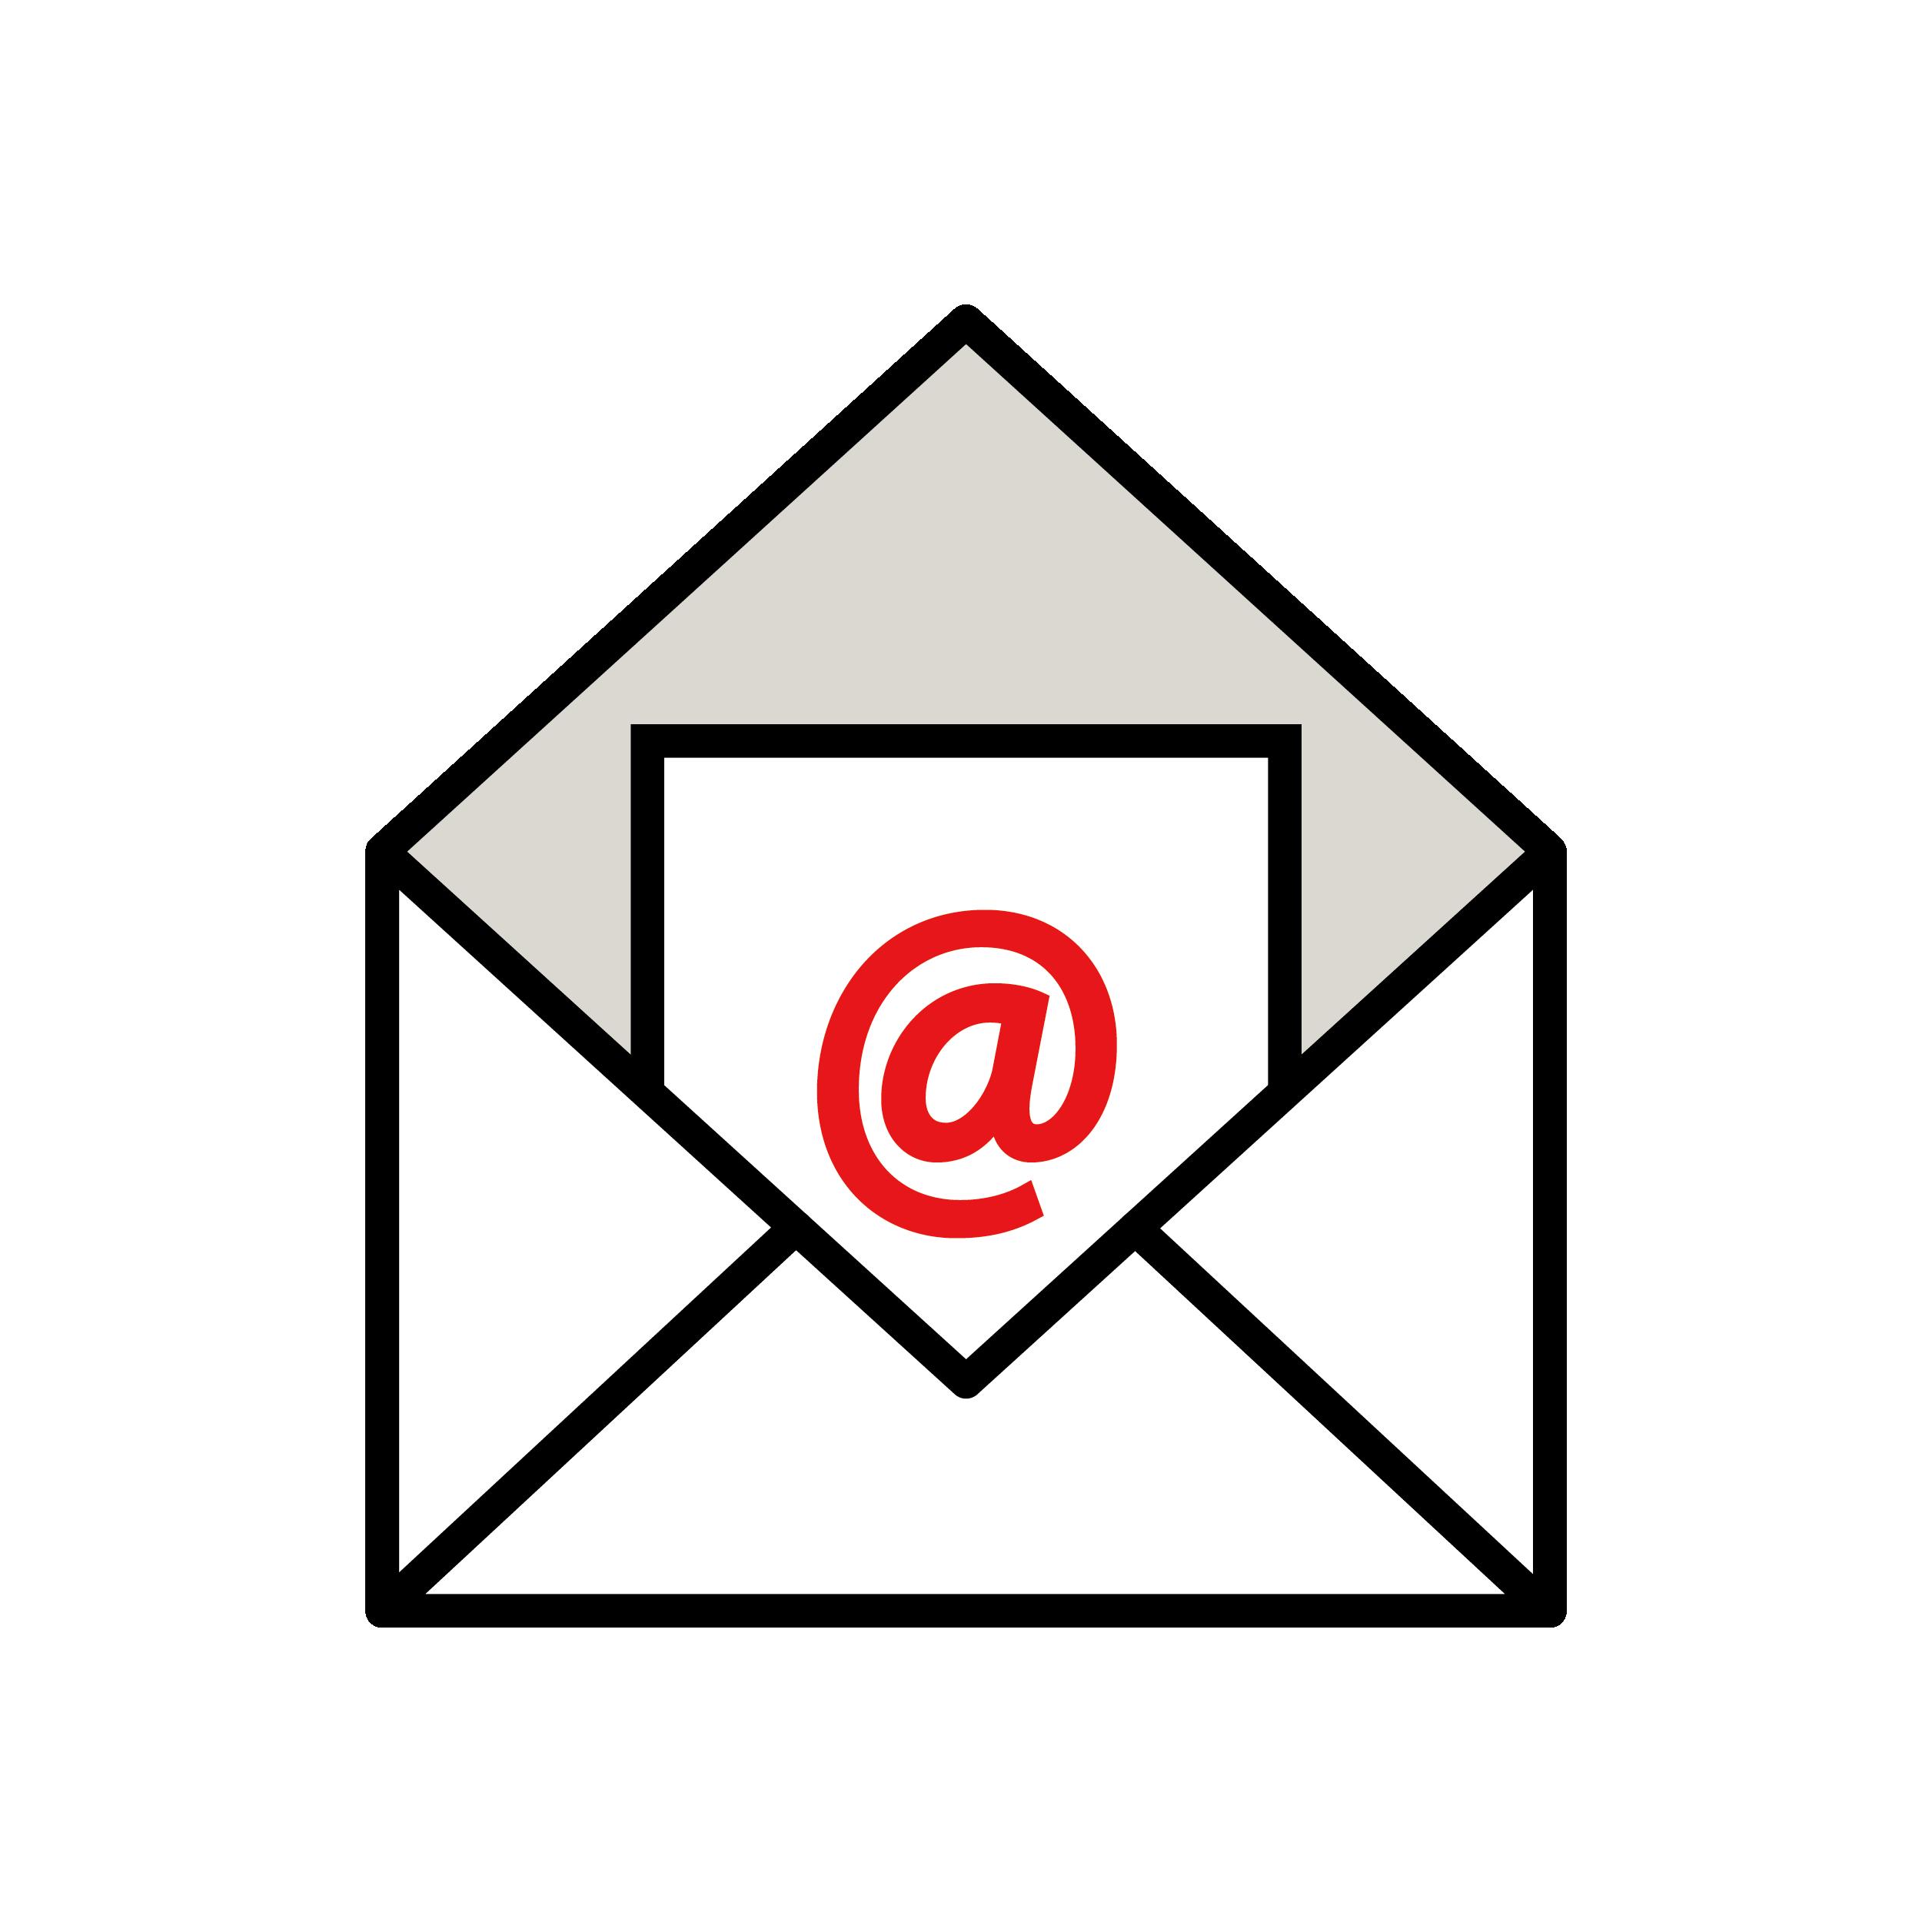 メール受信!you've got mailのイラスト | 商用フリー(無料)のイラスト